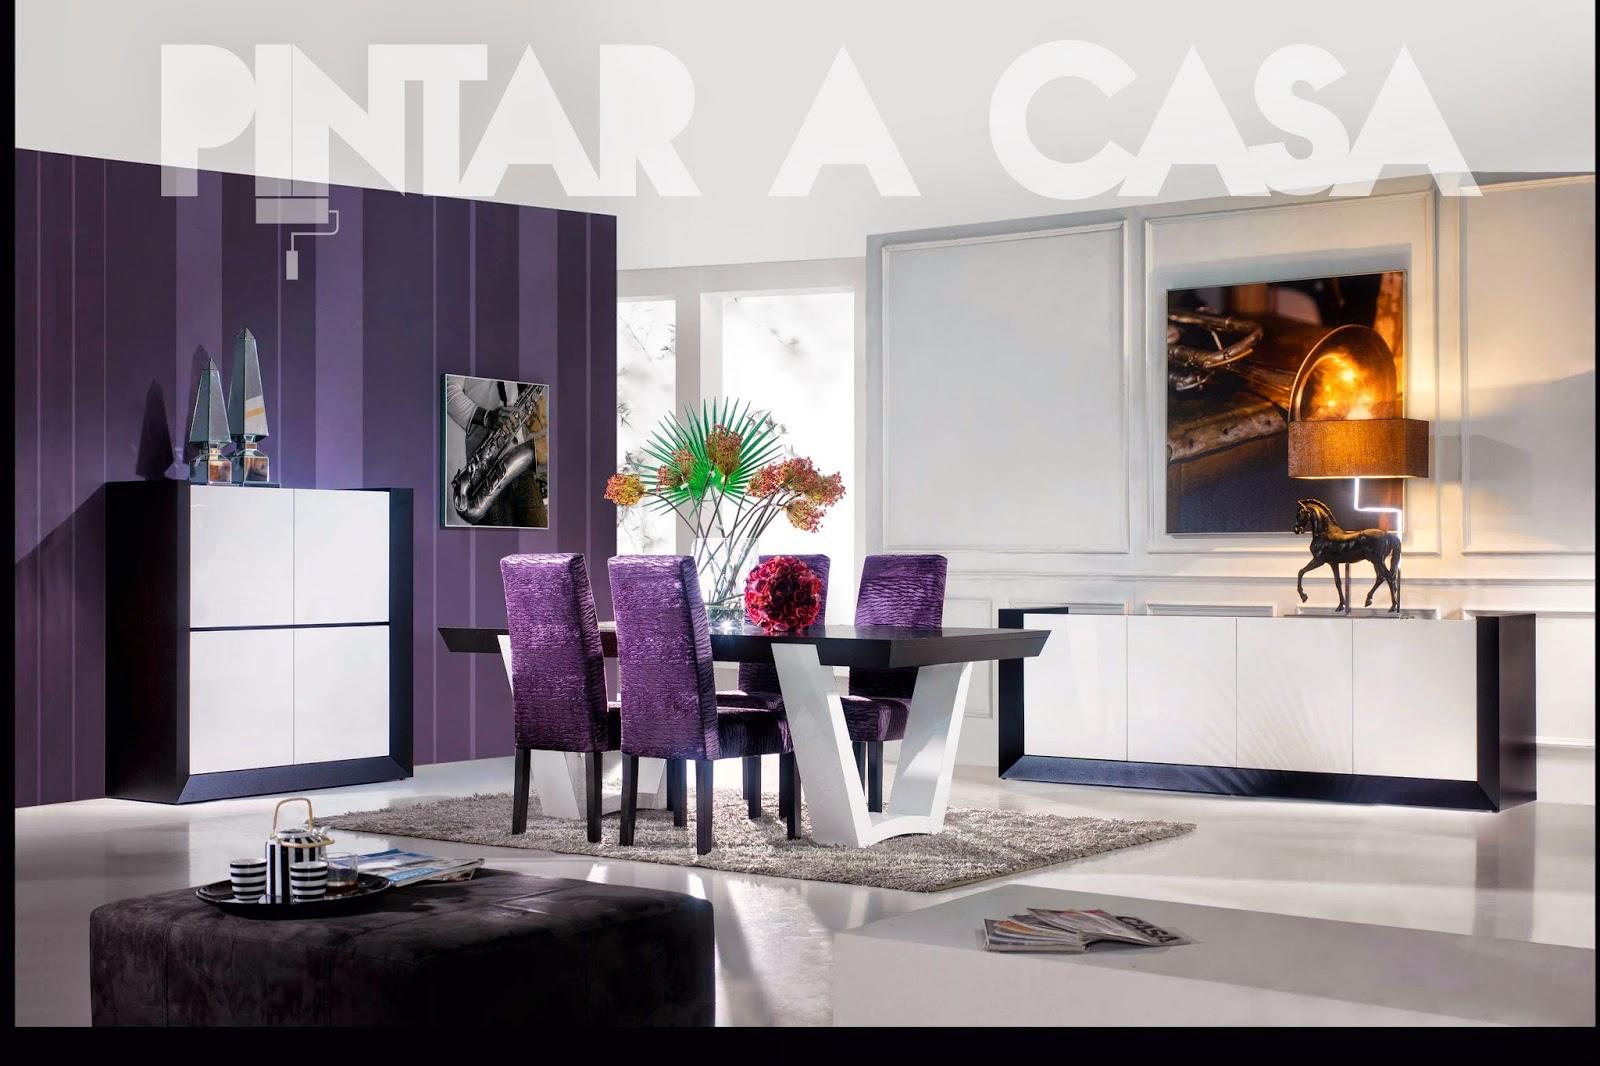 decoração-sala-pintar-a-casa-cadeiras-móveis